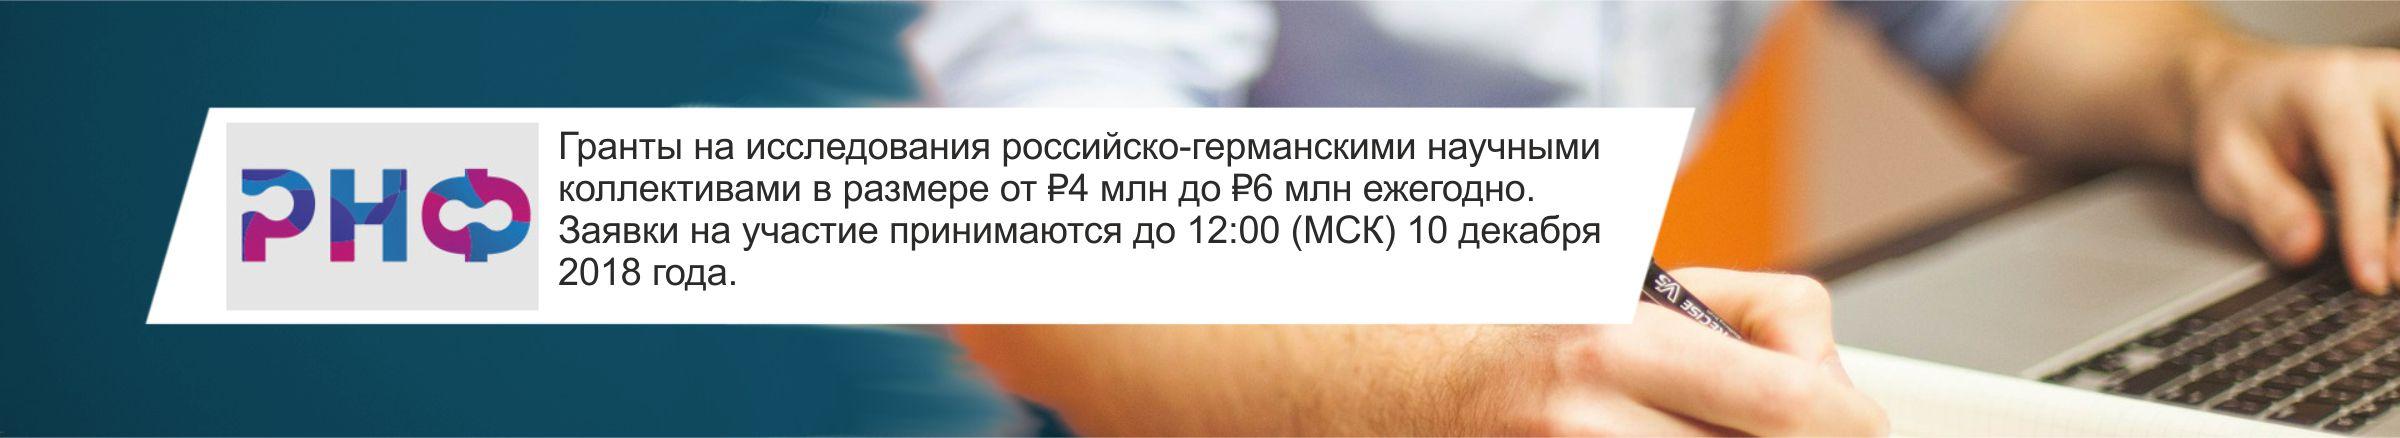 Гранты на исследования российско-германскими научными коллективами